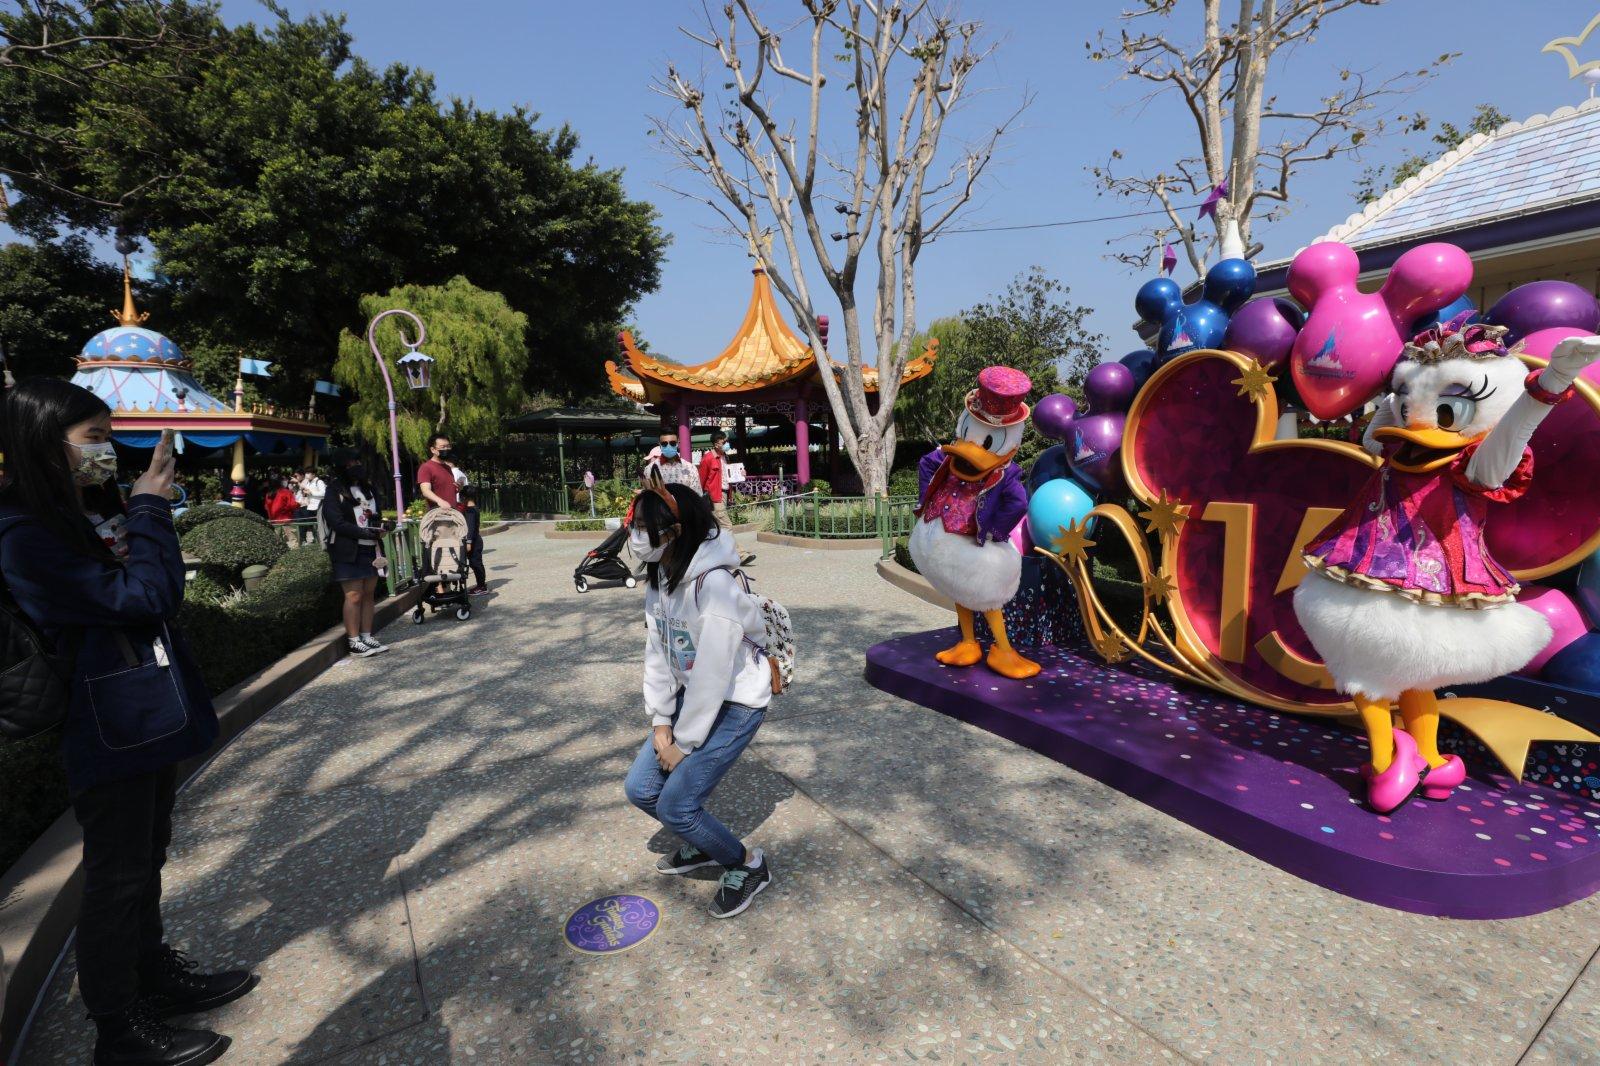 香港迪士尼樂園今日(19日)重開,市民需提前預約入園。園方加強防疫措施,在入口多處展示「安心出行」二維碼,不少市民都自覺掃描。有市民表示,擔心樂園隨時再因疫情嚴重而關閉,已經預約下周再次入園。亦有市民指,以往樂園太多遊客,現時園內空間較為寬鬆,加上足足一年沒有外出旅行,因此前來放鬆。還有中六學生指,迪士尼陪伴他成長,對重開感到興奮。(香港文匯報記者萬霜靈攝)